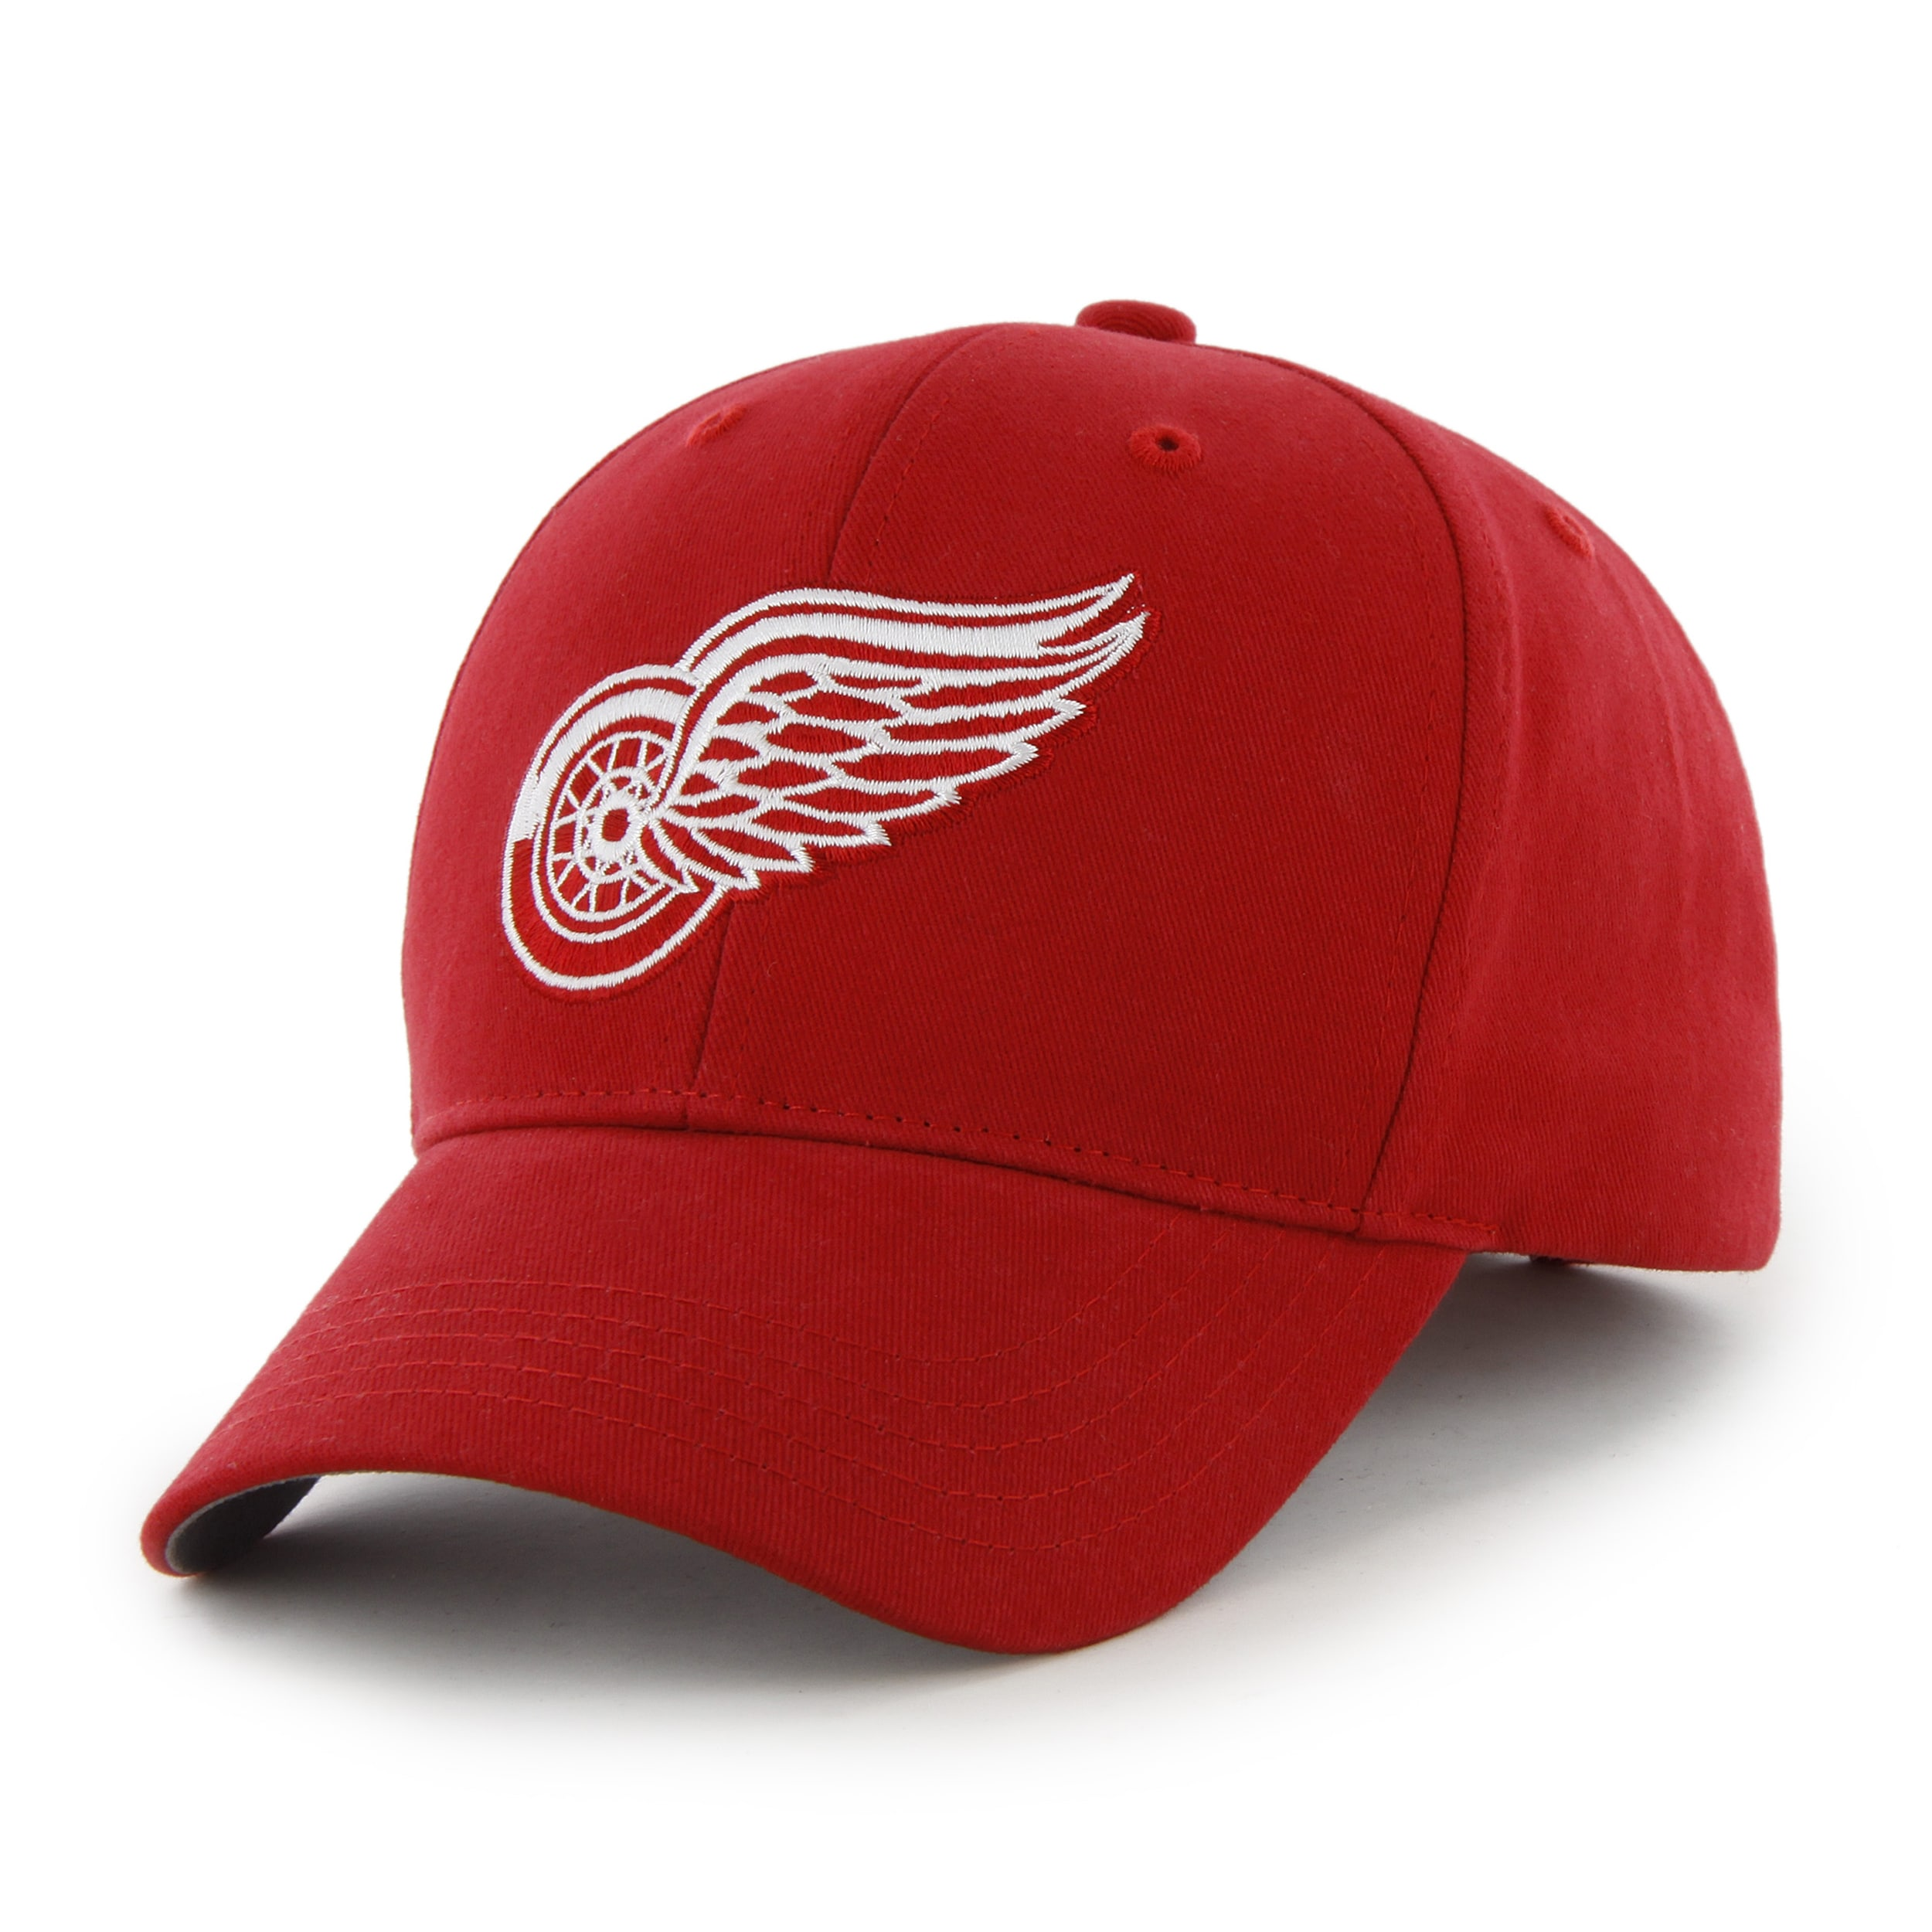 57e3457c921 NHL Fan FavoriteBasic Cap, Detroit Red Wings - Walmart.com